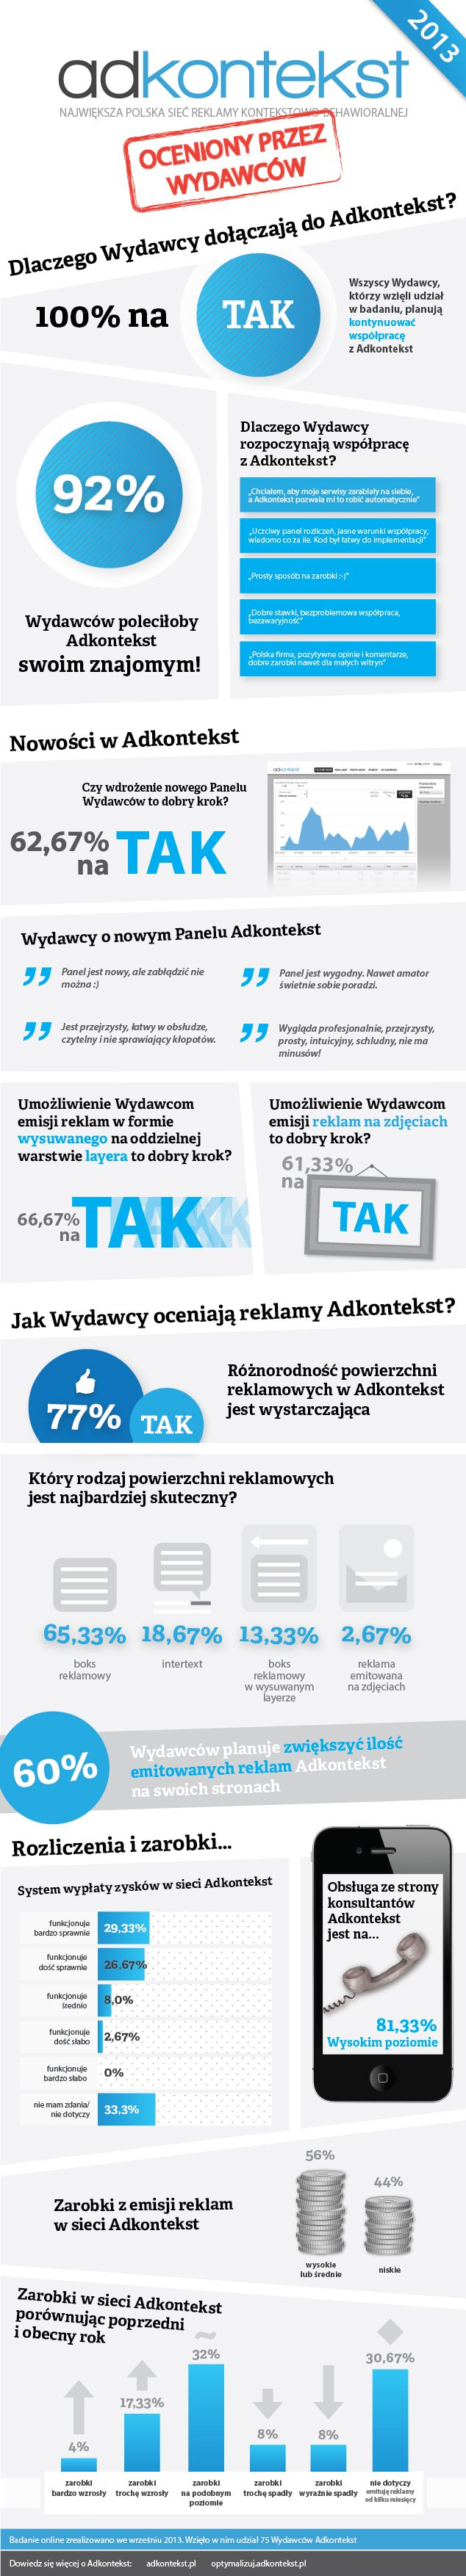 Rezultaty badania satysfakcji wydawców Adkontekst